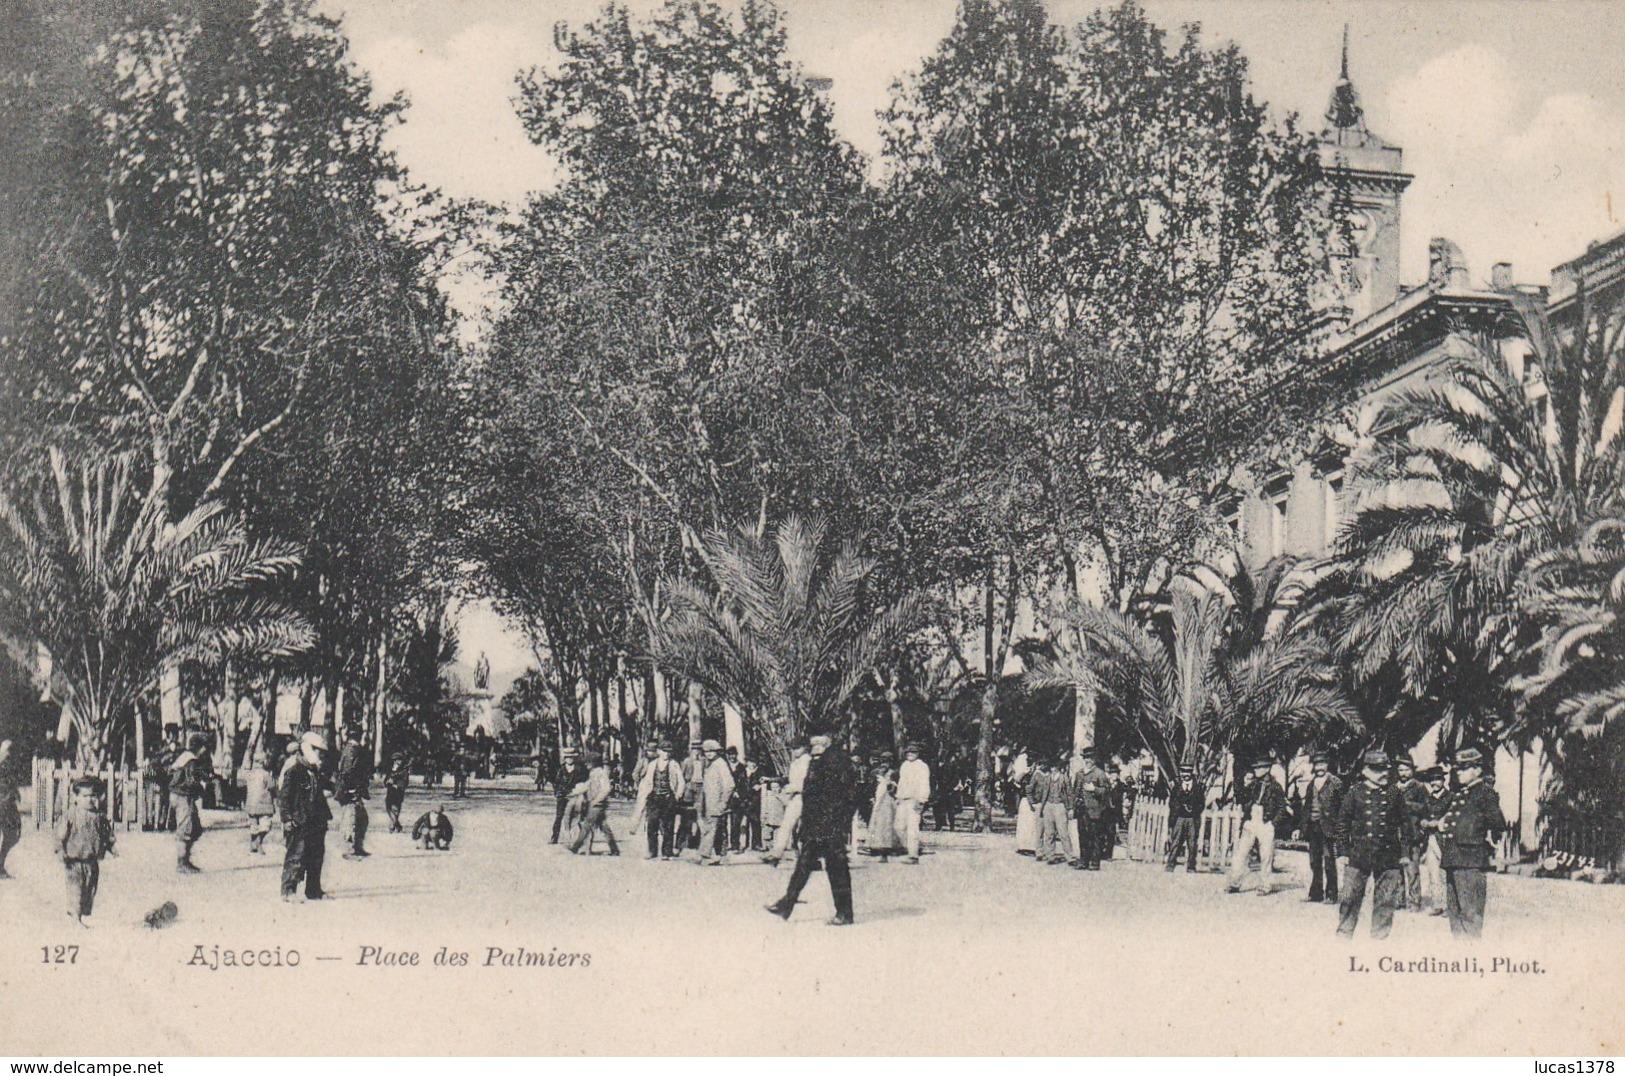 20 / AJACCIO / PLACE DES PALMIERS / TRES BELLE CARTE PRECURSEUR / CARDINALI 127 - Ajaccio